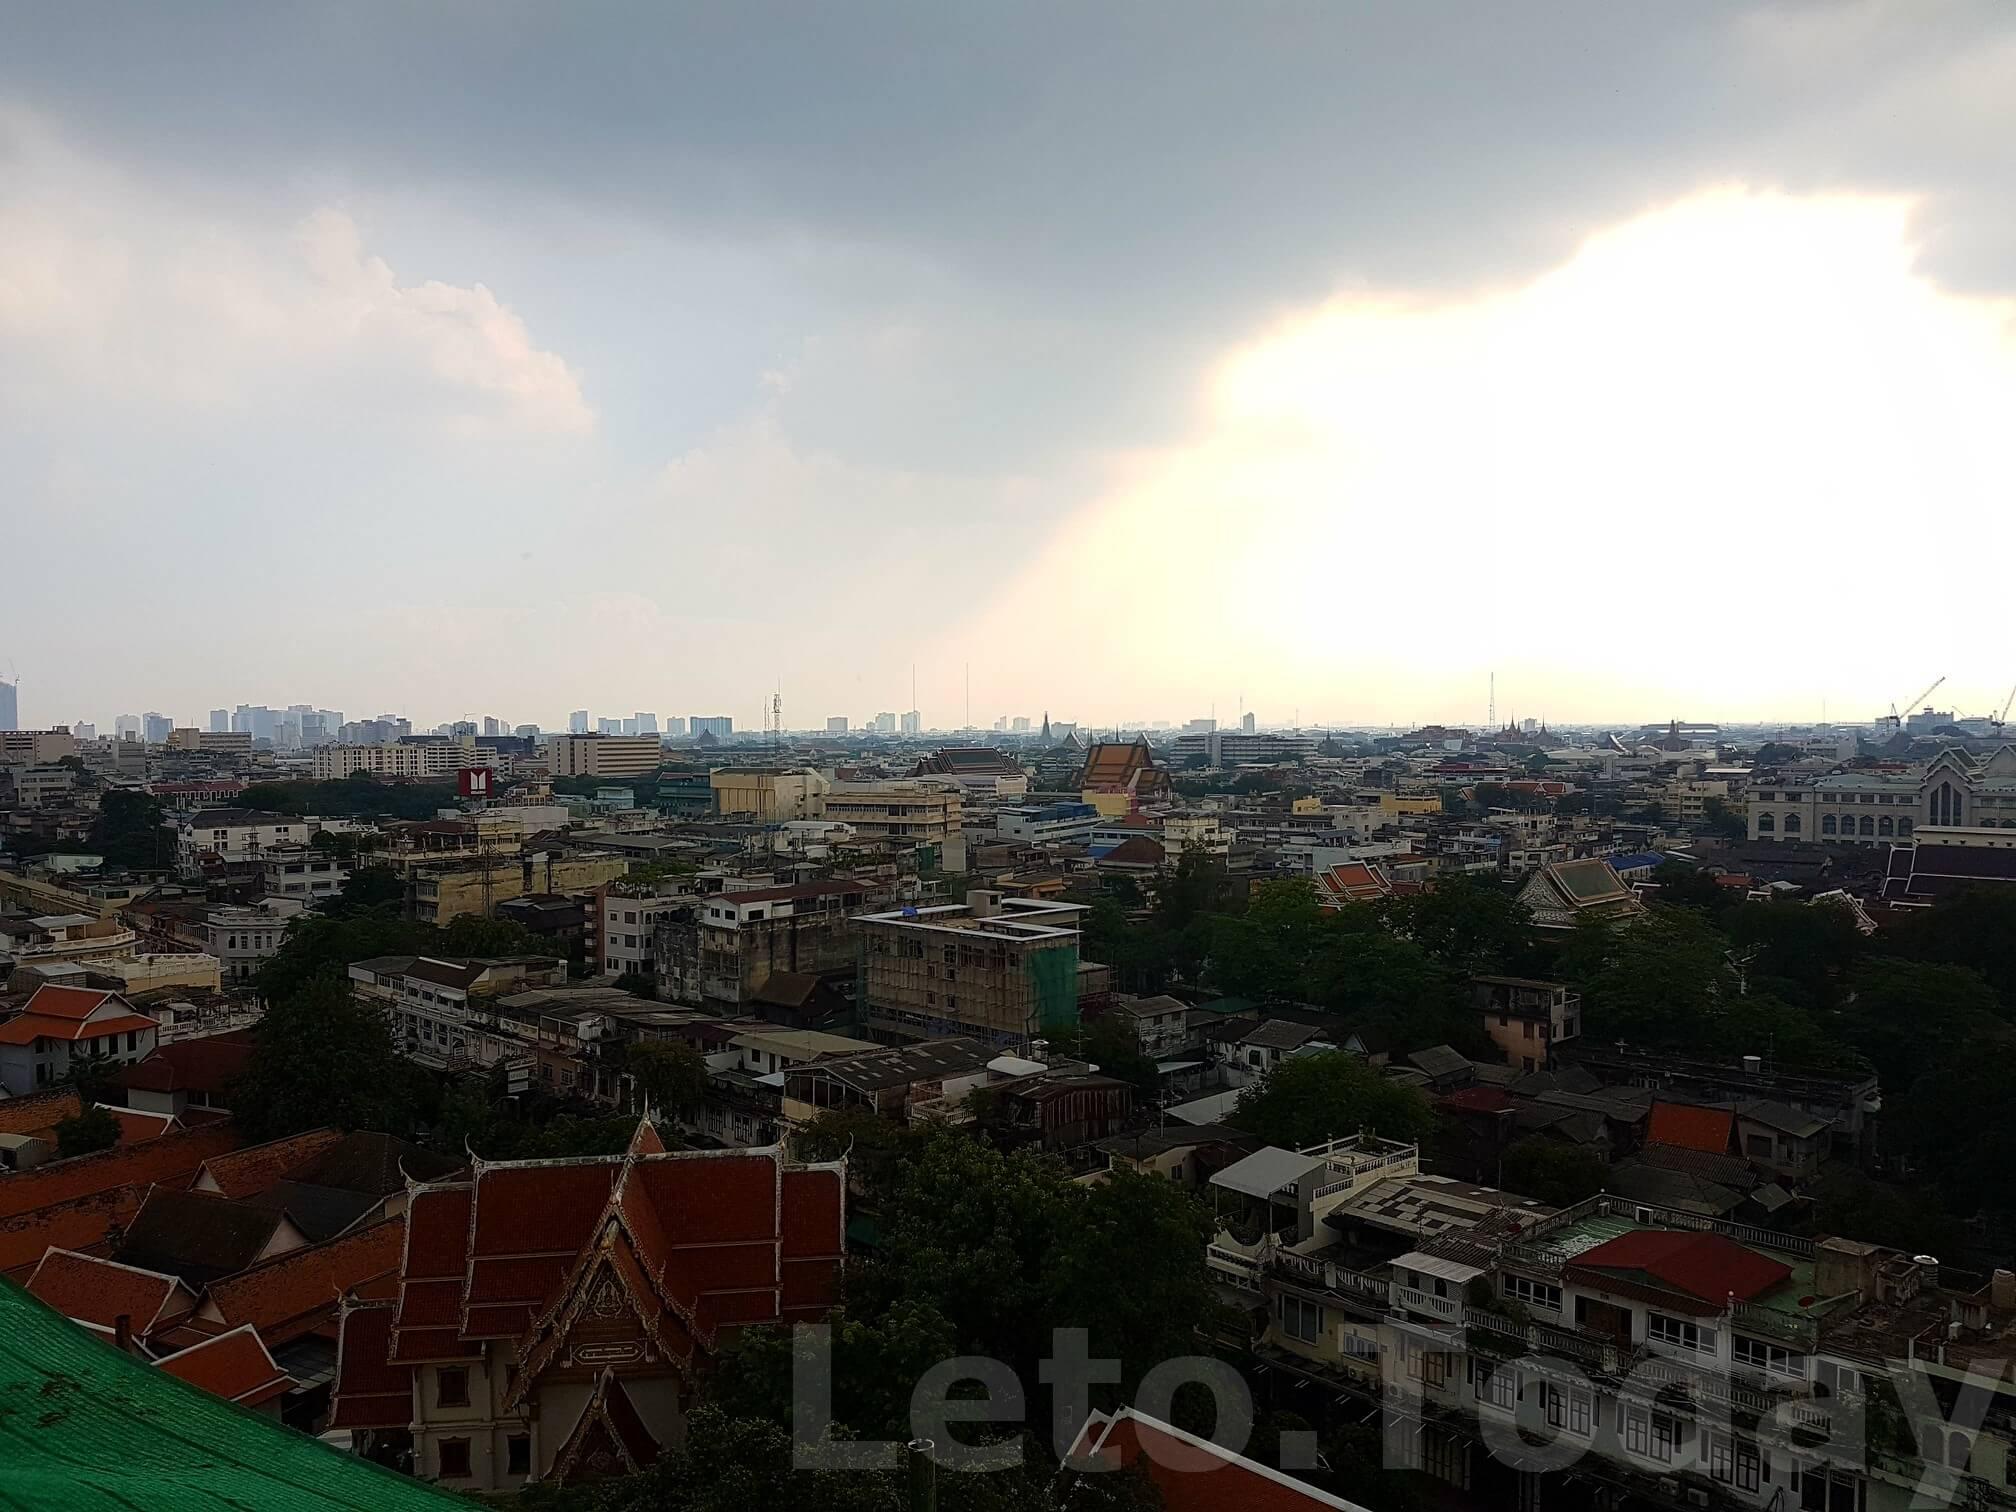 ват сакет leto.today (12) Обзорная площадка в Бангкоке - Ват Сакет